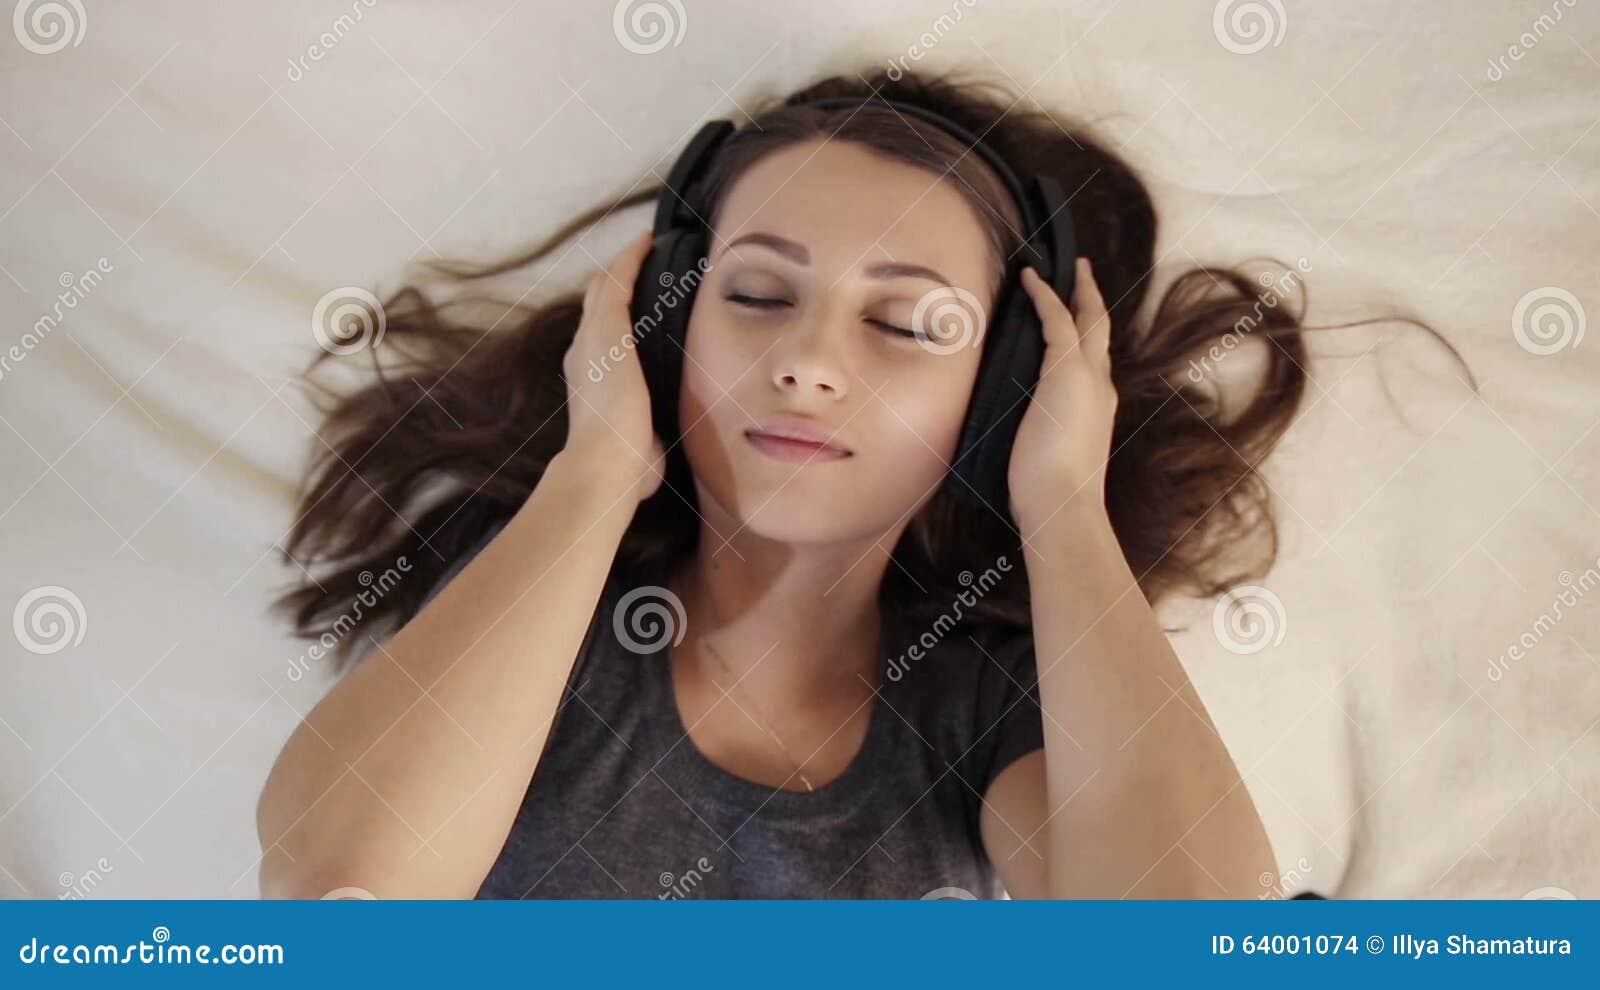 Musique et son videos et video clips stock de objets et articles par dreamstime - Video d amour dans le lit ...